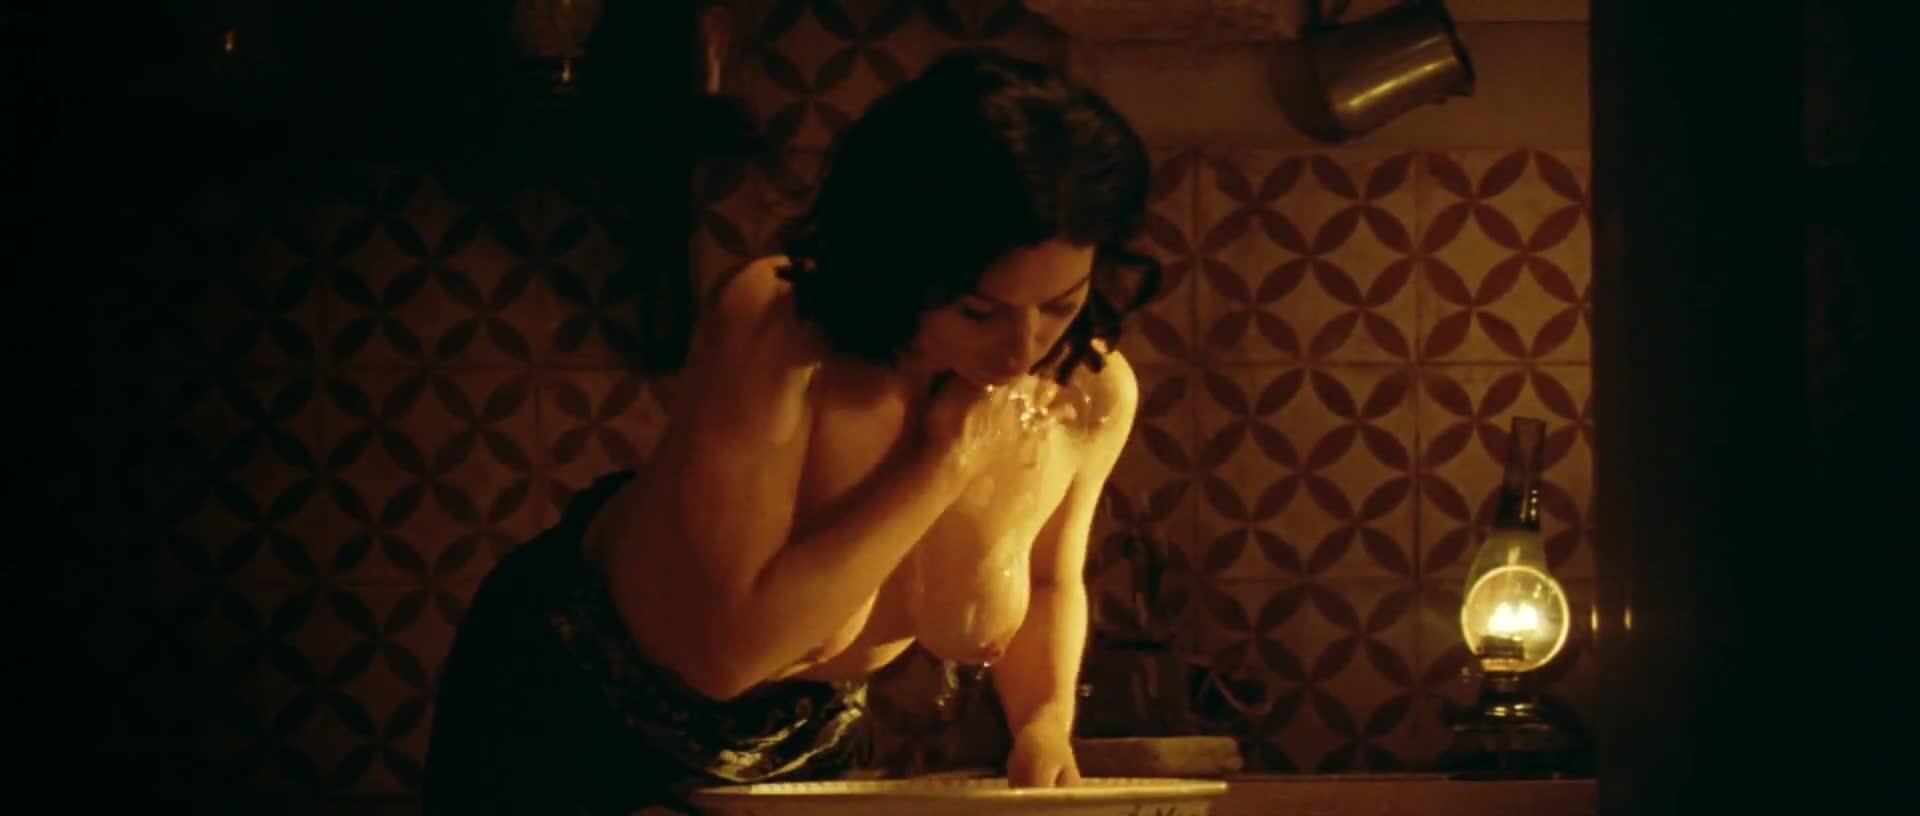 Monica Bellucci nude scene in Malena